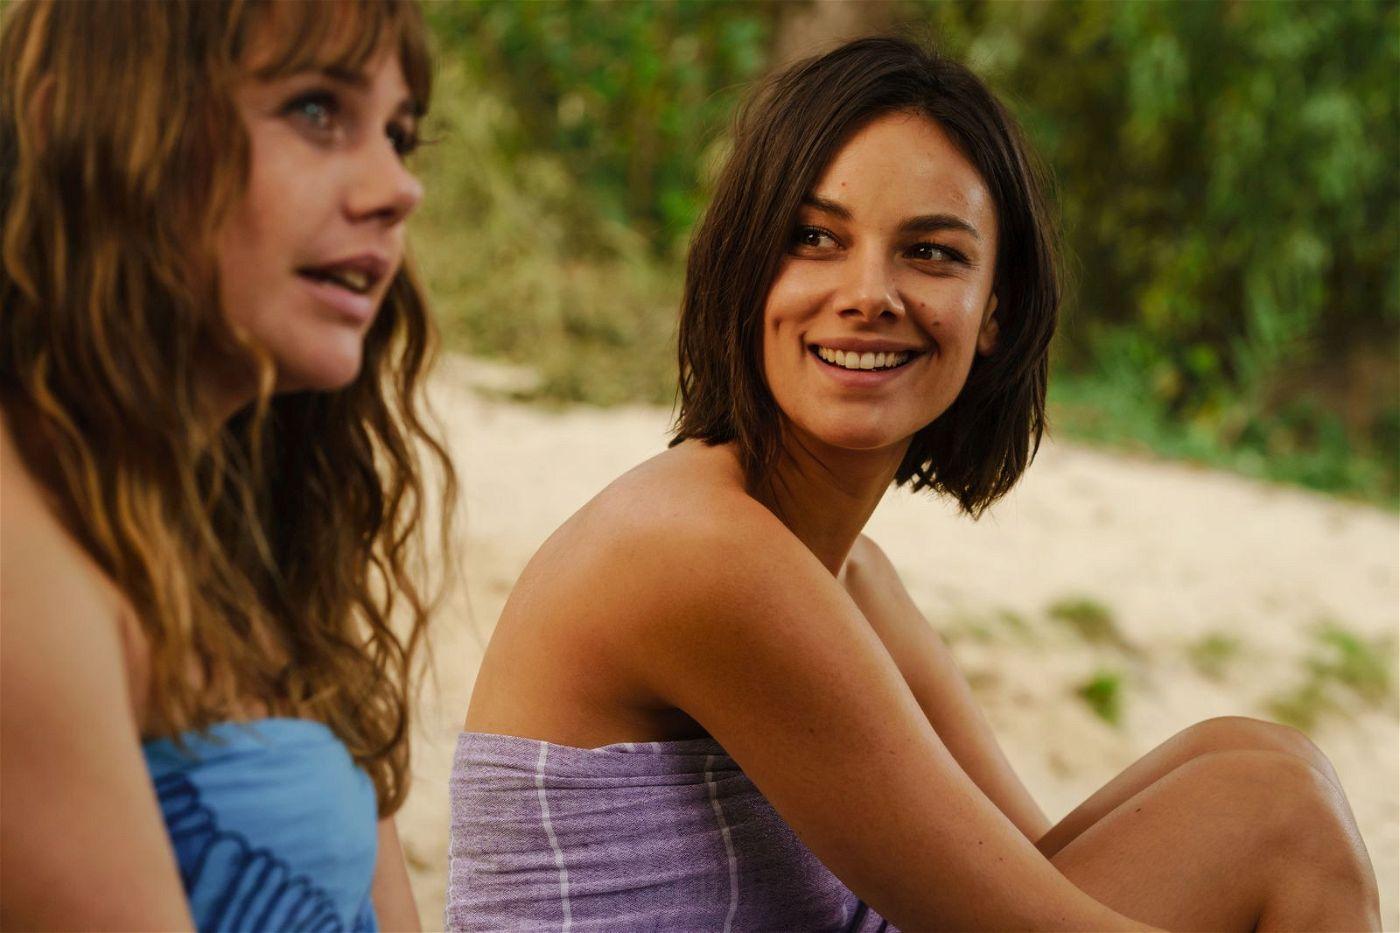 Während ihrer Rückreise nach Berlin beginnen sich Lolle (Felicitas Woll, links) und Dana (Janina Uhse) immer mehr anzufreunden.